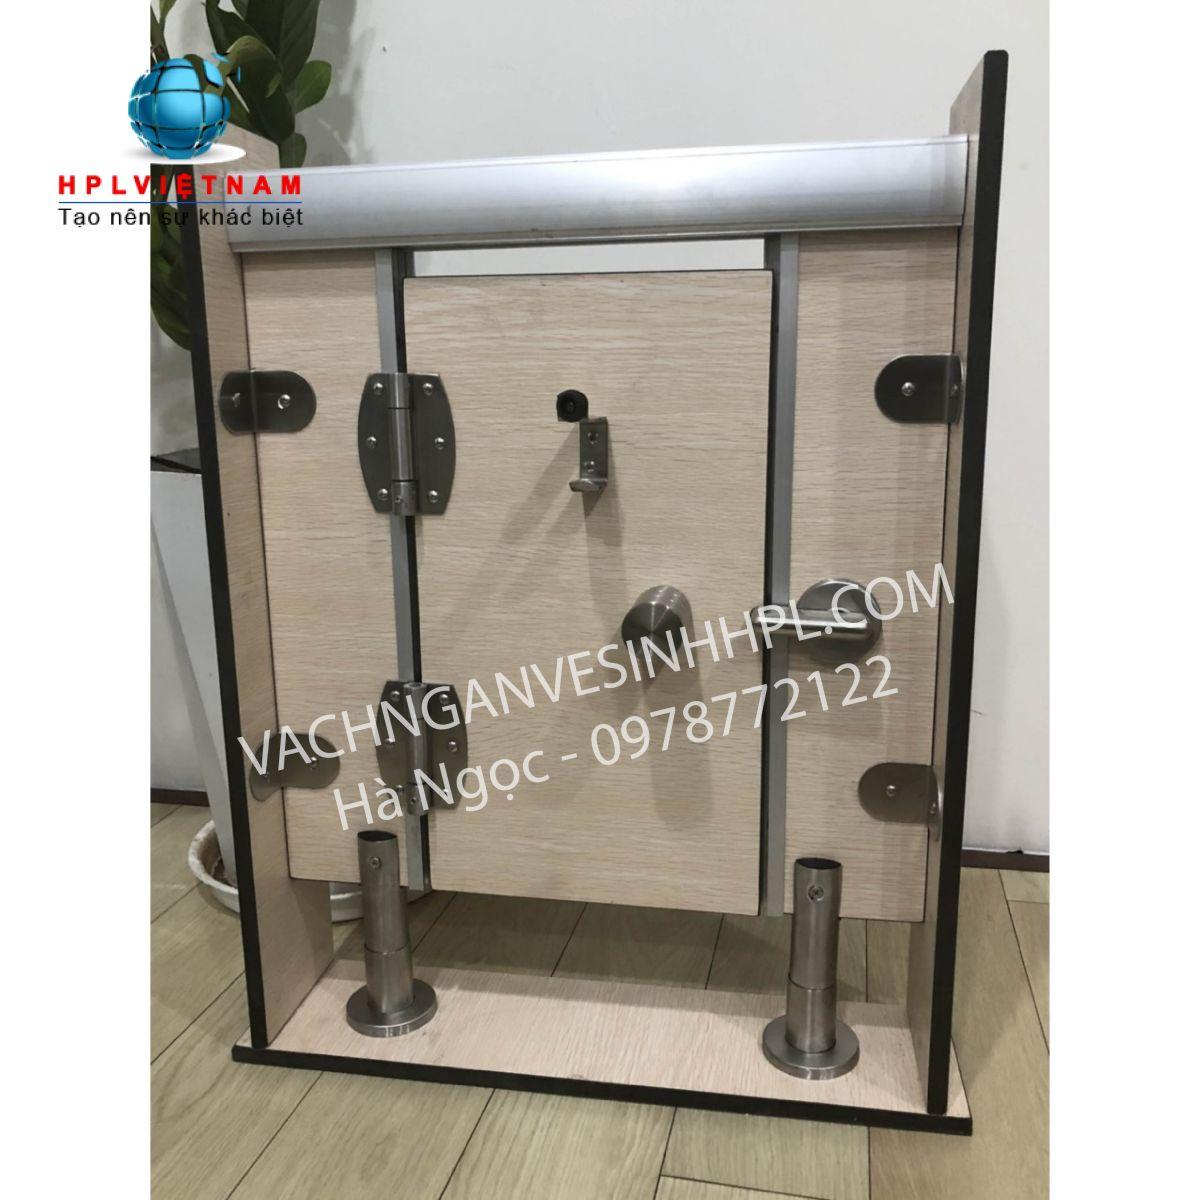 Vách ngăn vệ sinh compact màu vân gỗ | DY636 white oak